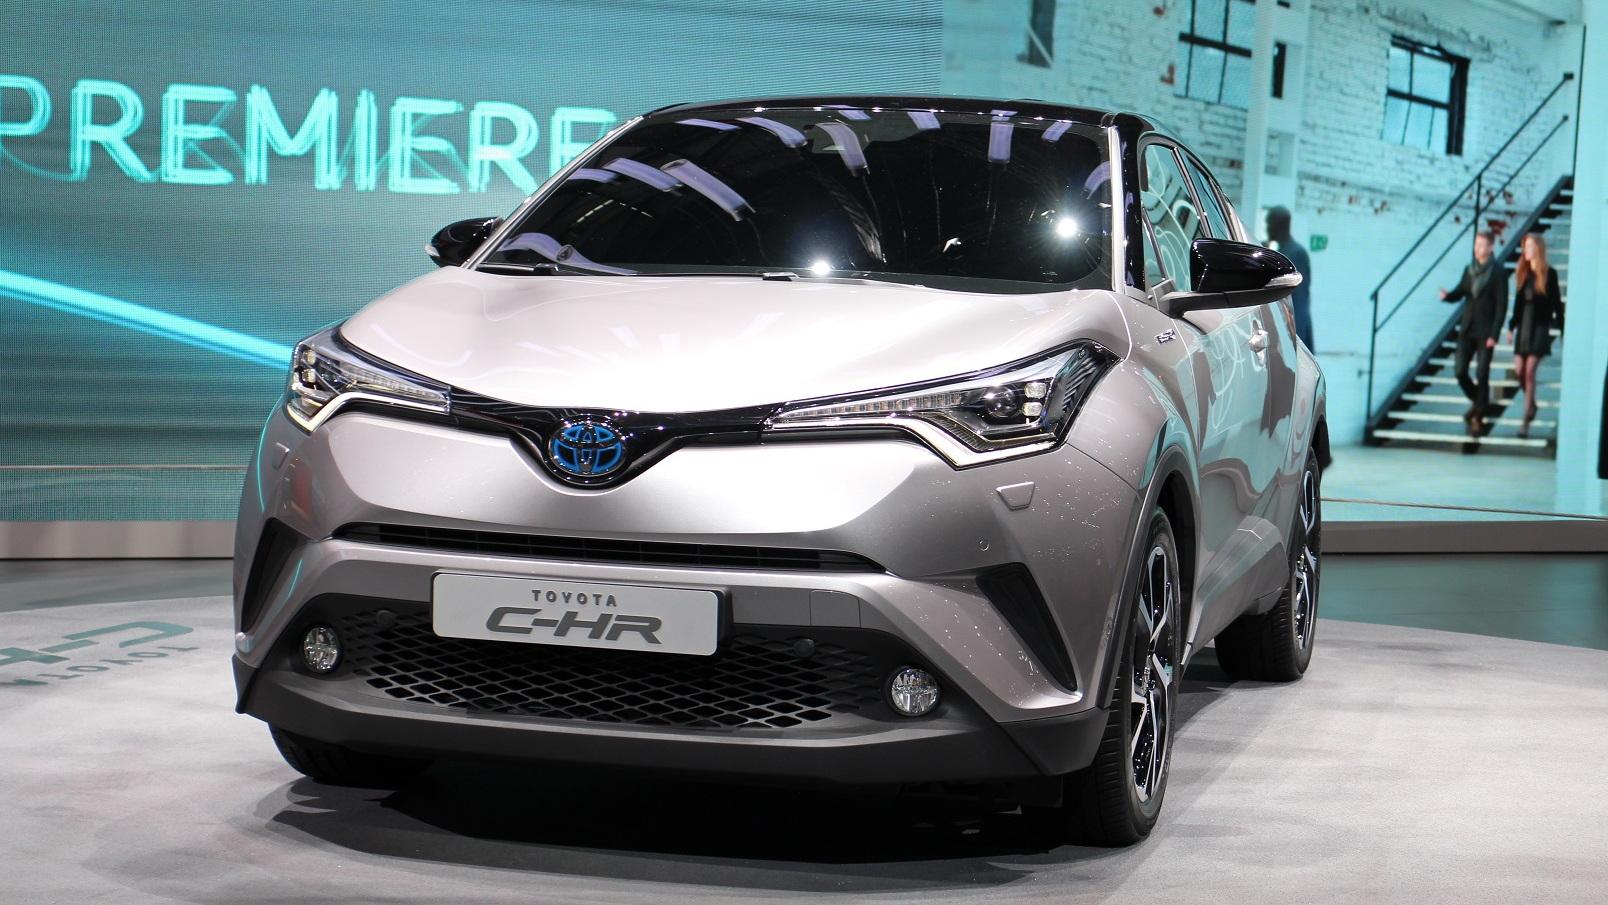 2018 Toyota C-HR (European spec), 2016 Geneva auto show